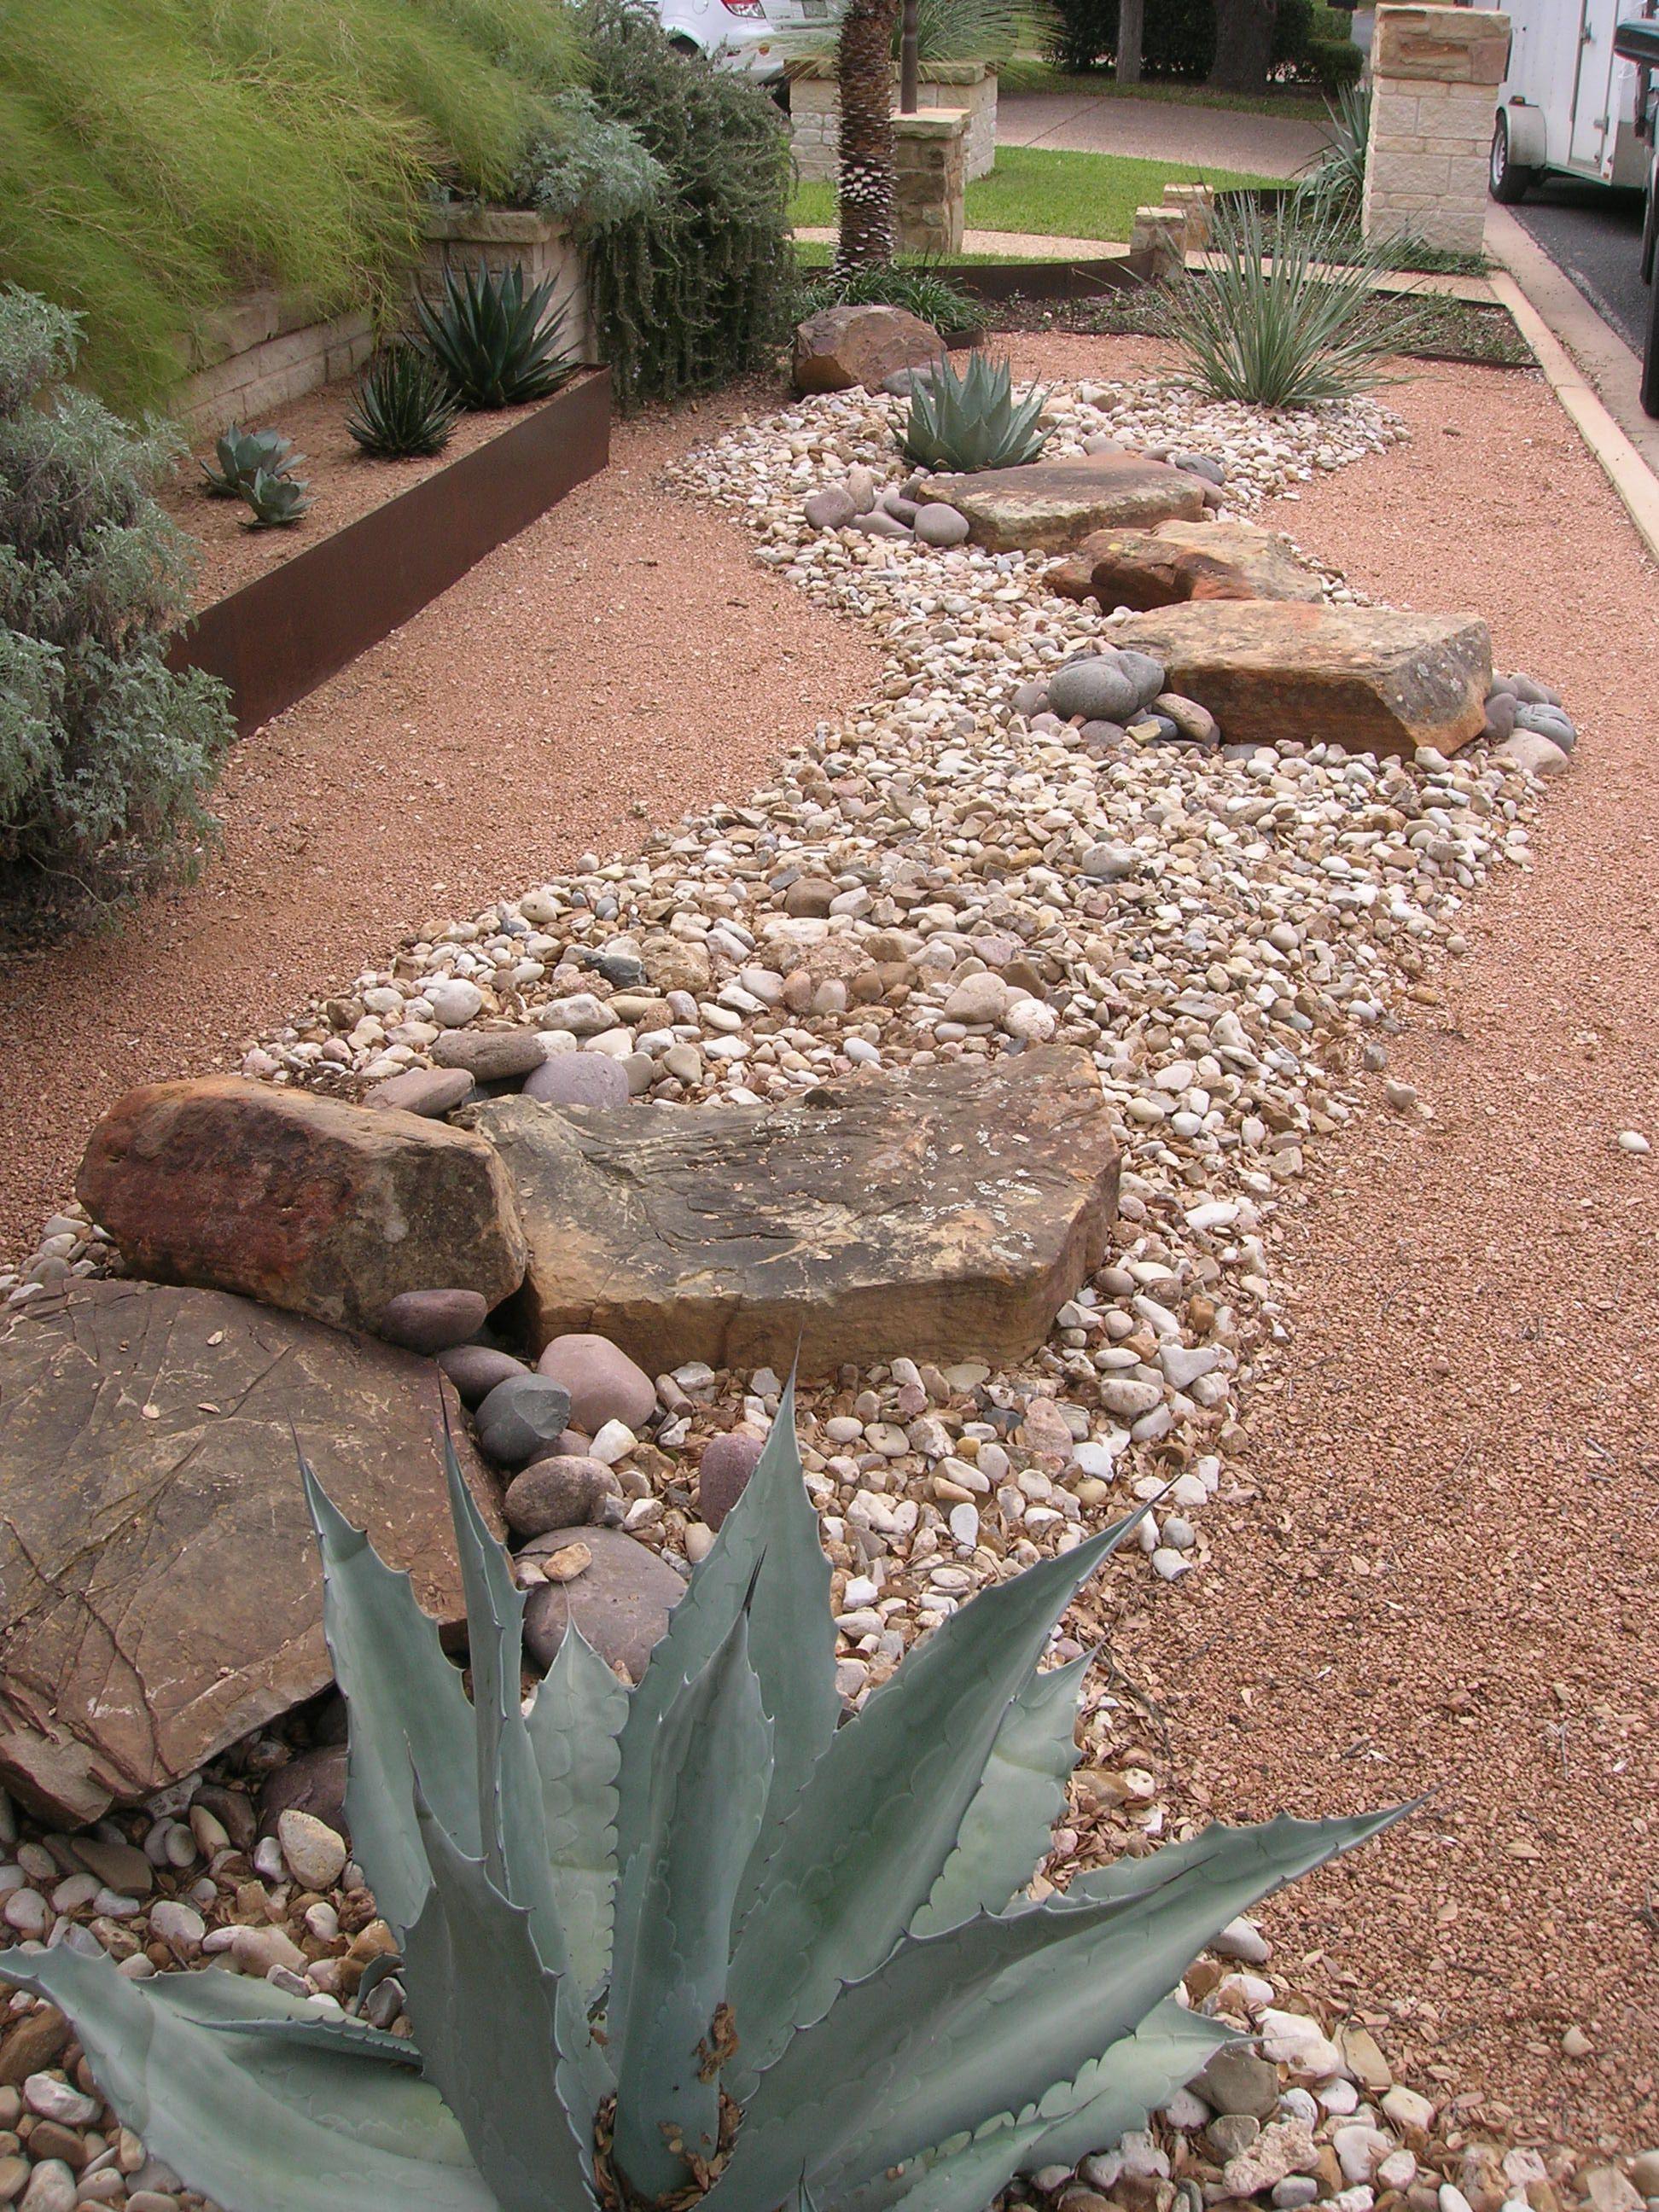 Paisaje con piedras y plantas grasas poco mantenimiento for Jardines con poco mantenimiento